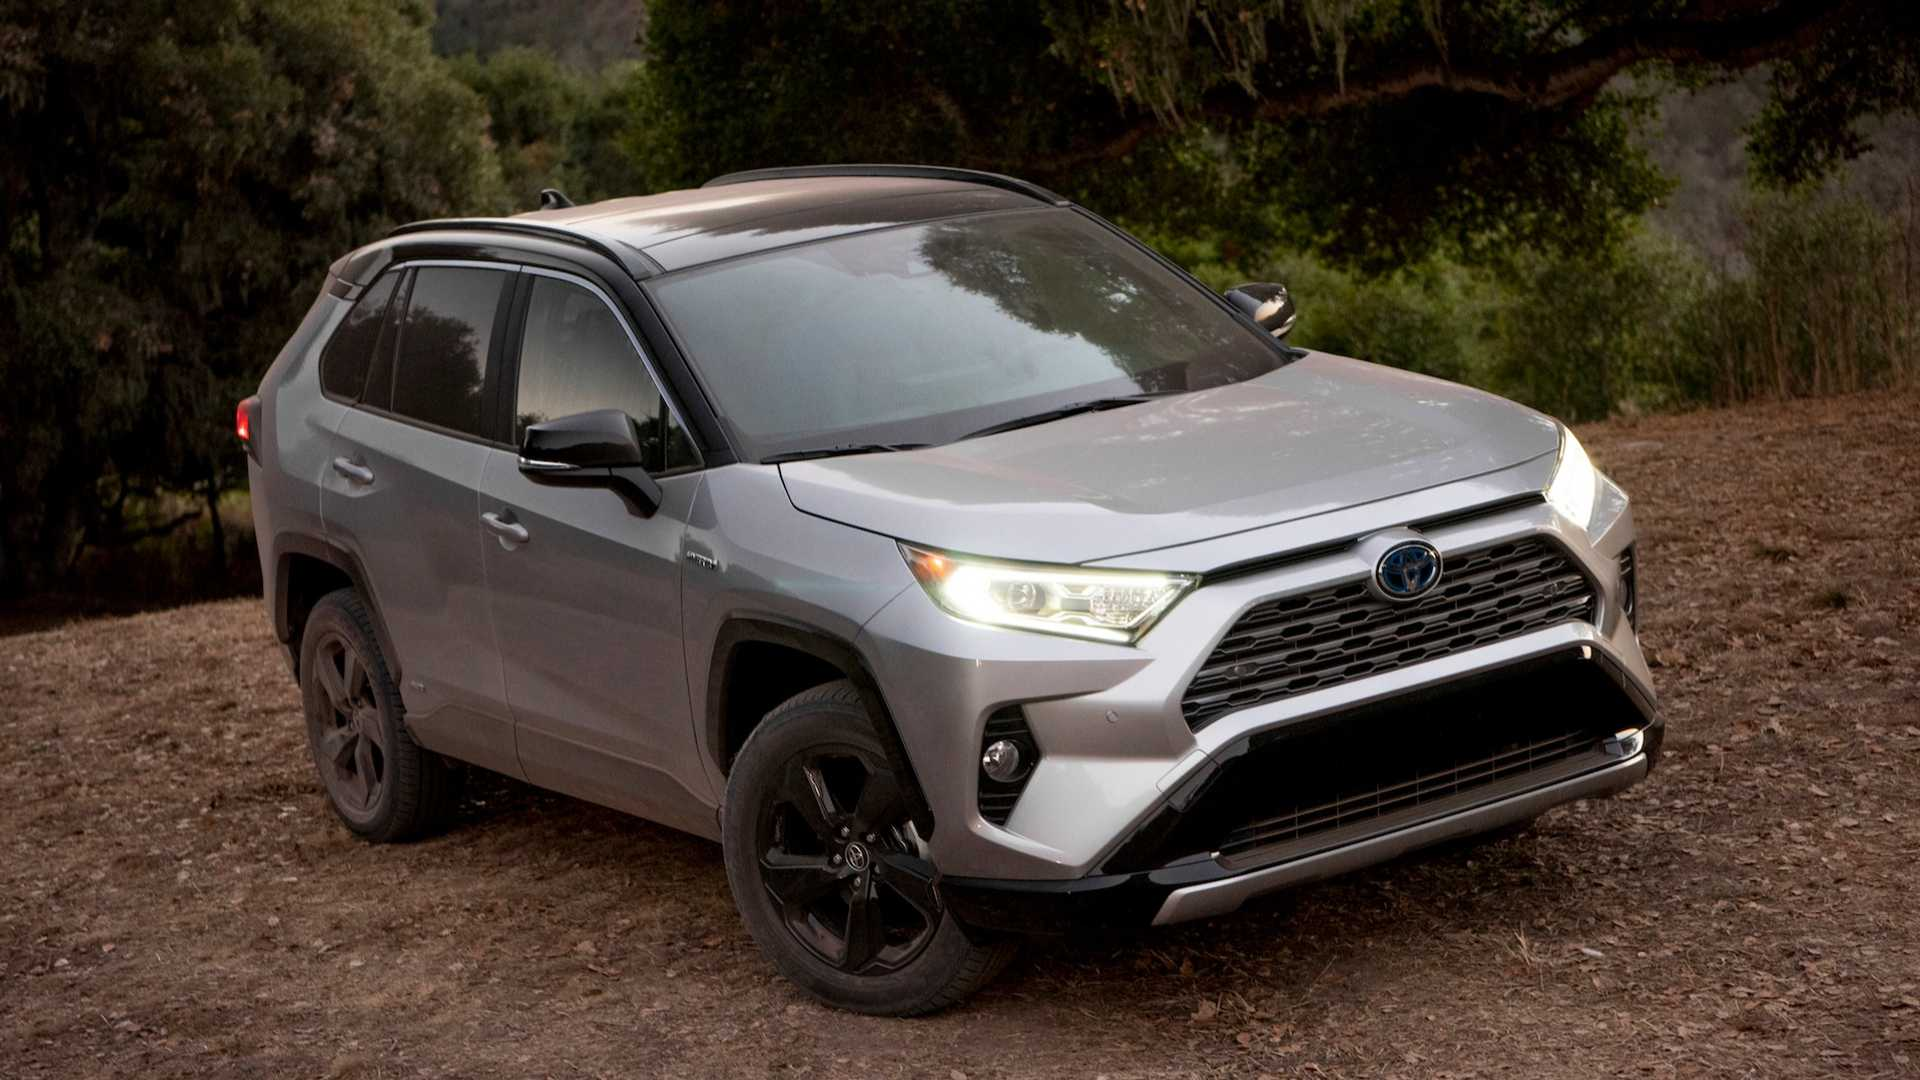 Toyota RAV4 híbrido se mostra mais vantajoso que Hilux em embate entre SUVs e picapes.